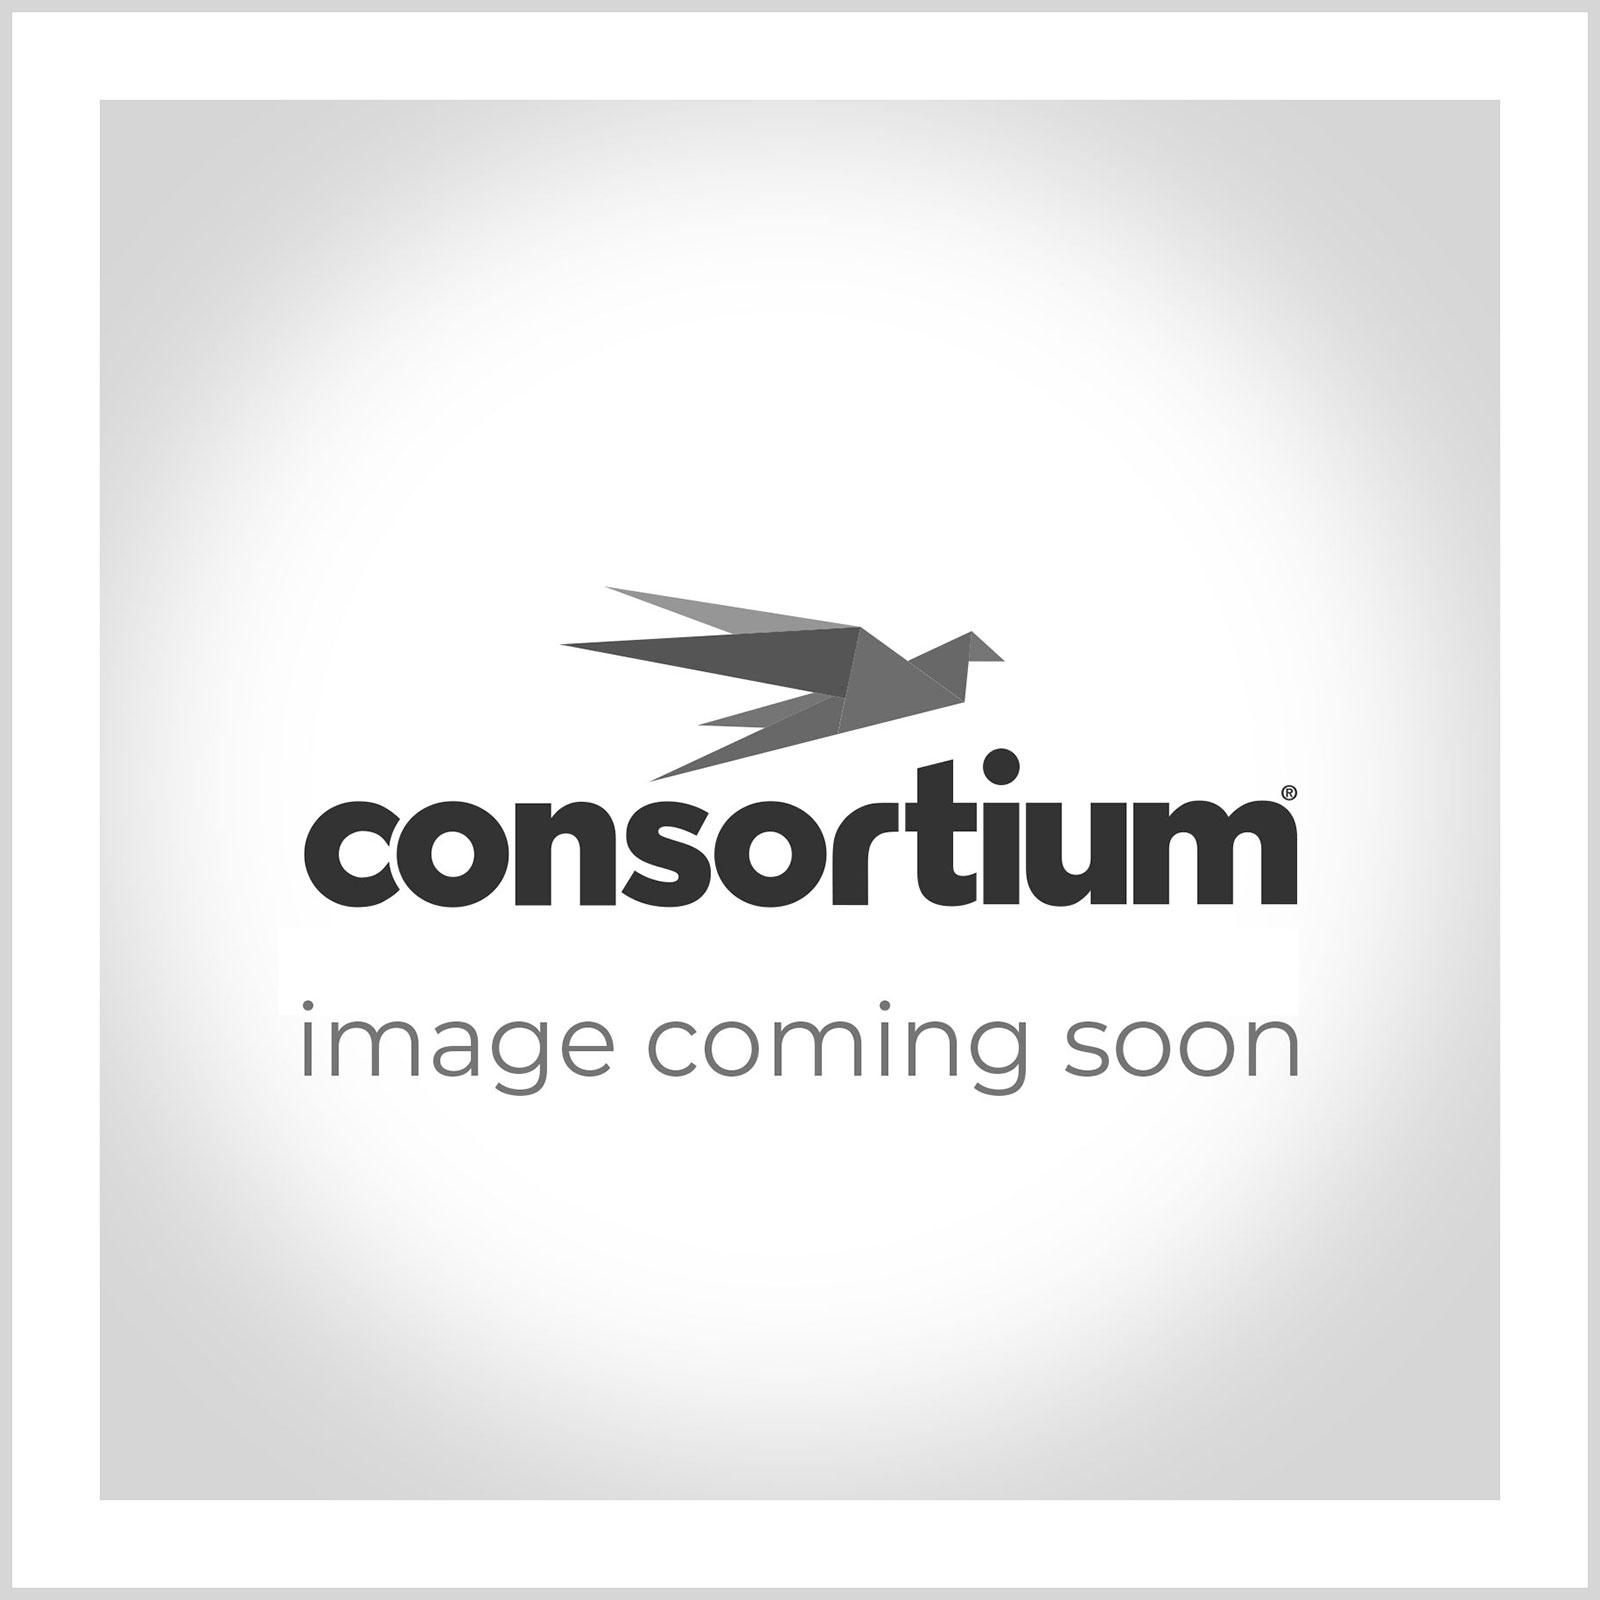 Non-Woven 3 Ply Type IIr Disposable Face Masks